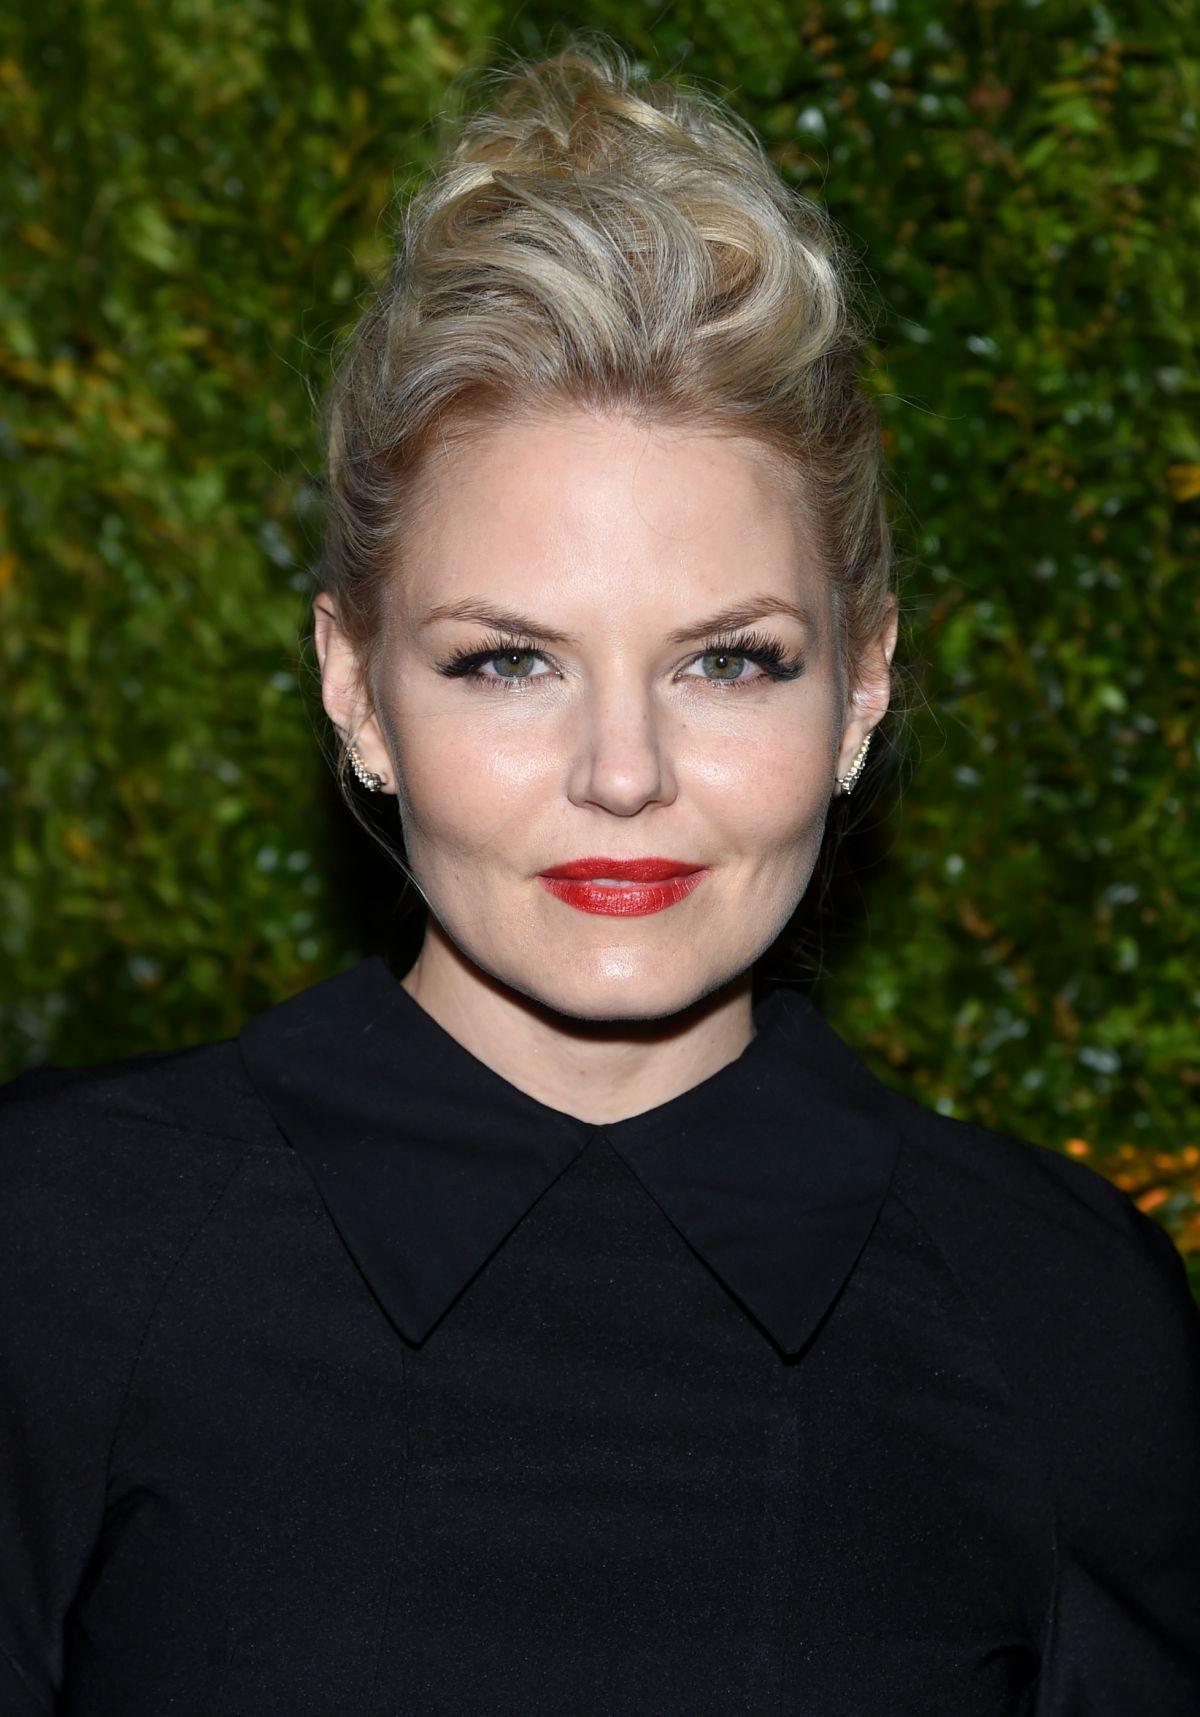 JENNIFER MORRISON at Chanel Dinner at Tribeca Film Festival in New York